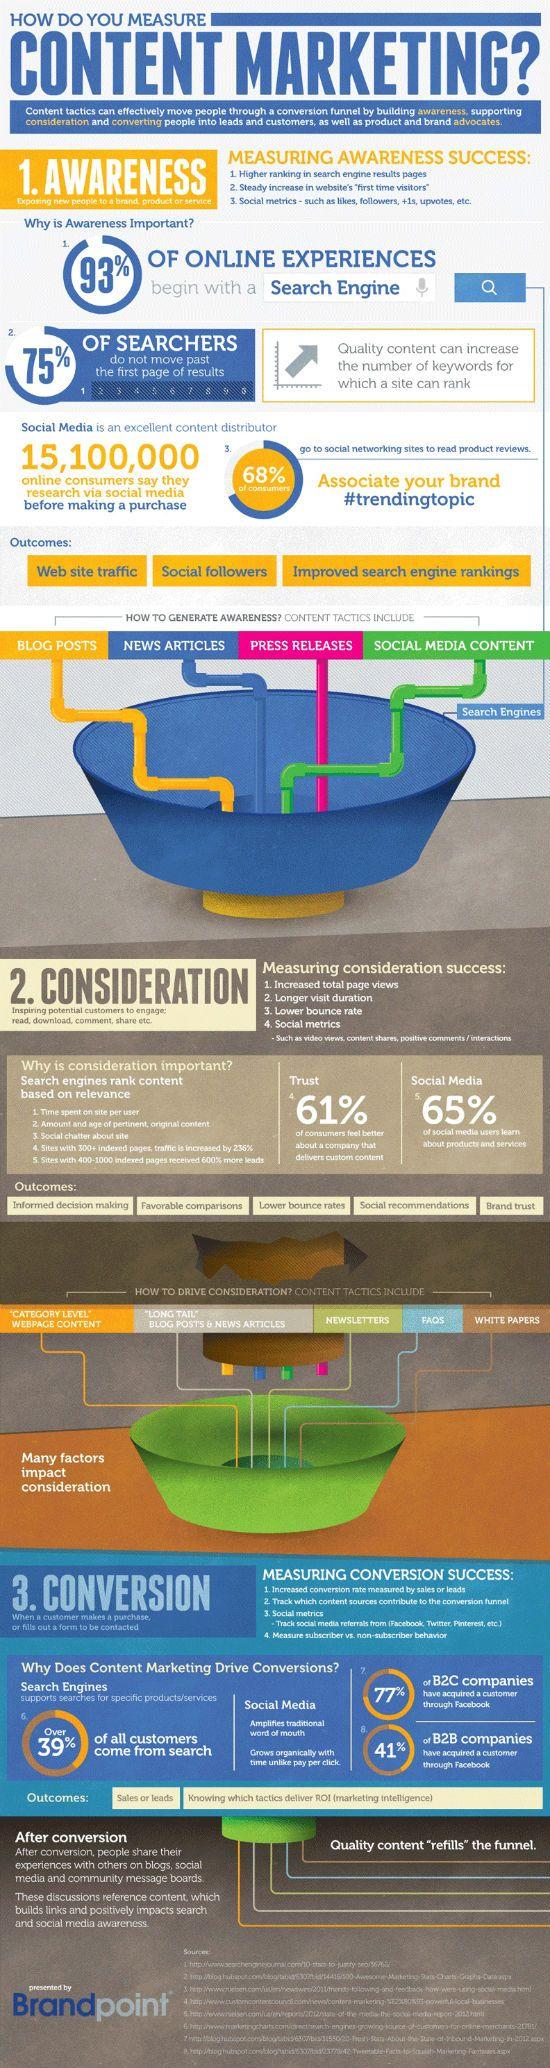 MarketingTribune   Hoe meet je het succes van je digitale contentmarketing?   Content Marketing